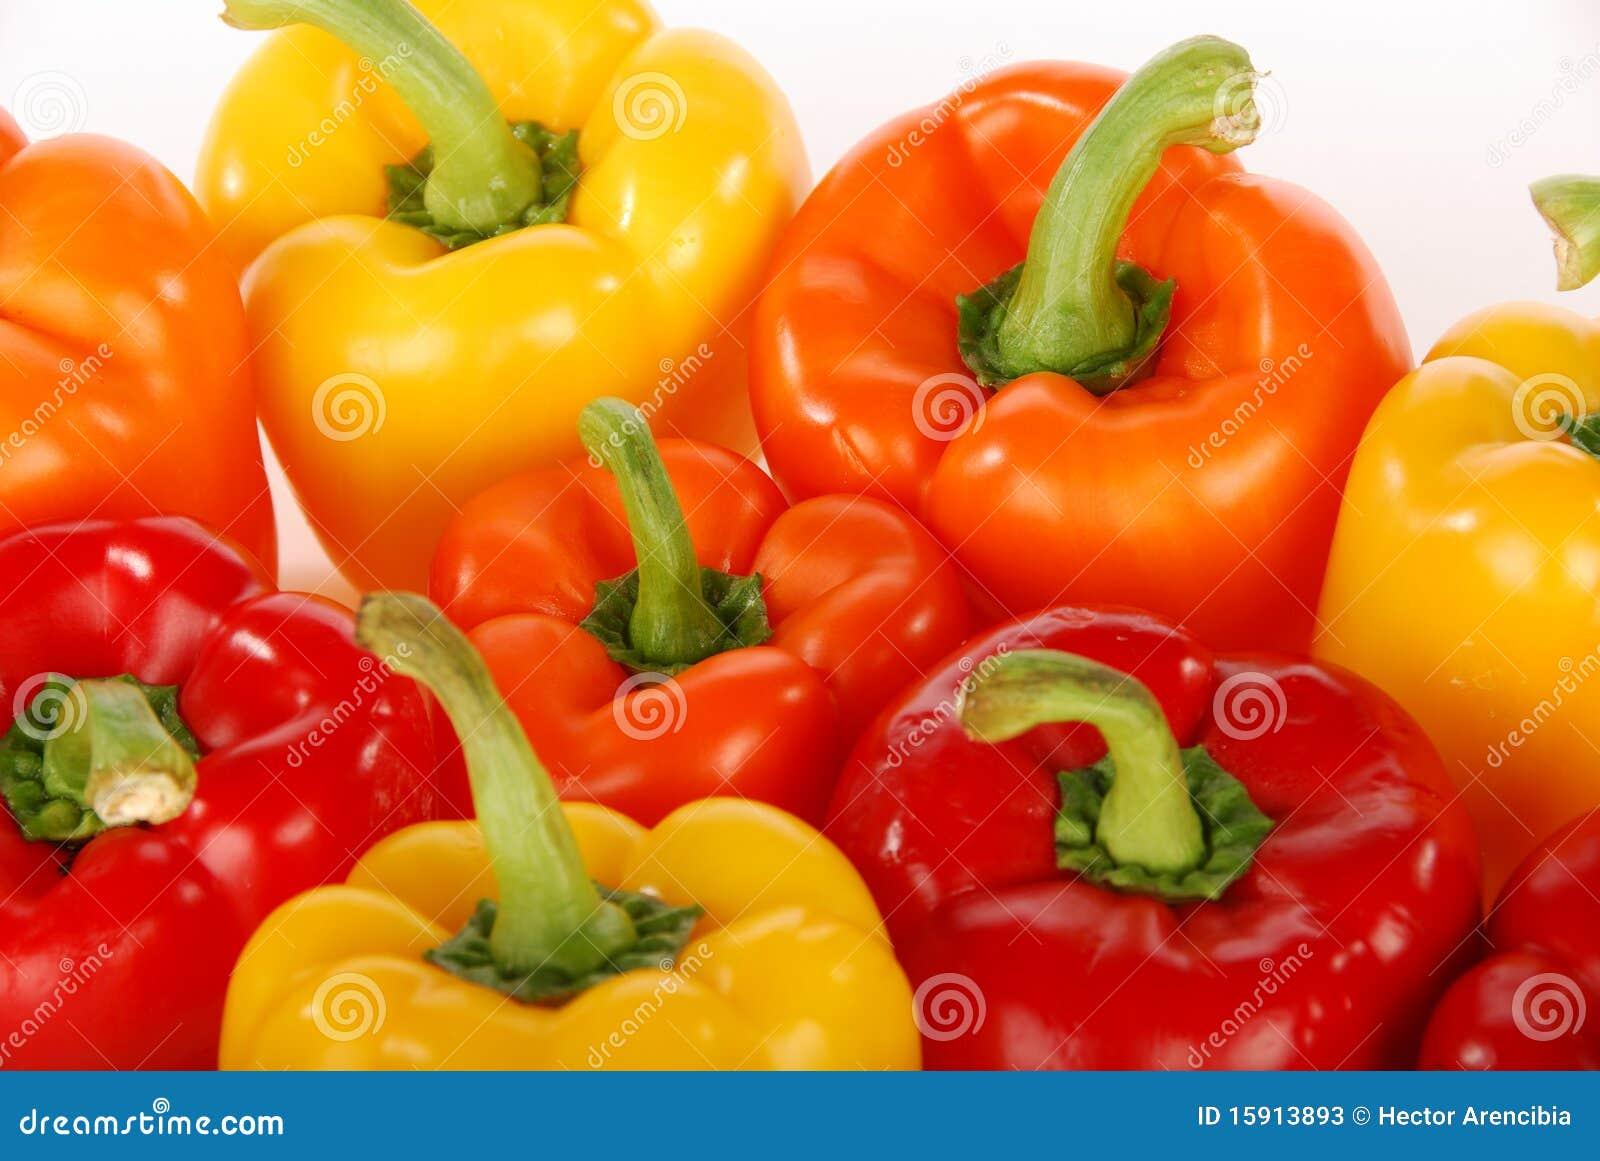 Primo piano rosso dei peperoni dolci di colore giallo for Oggetti di colore giallo